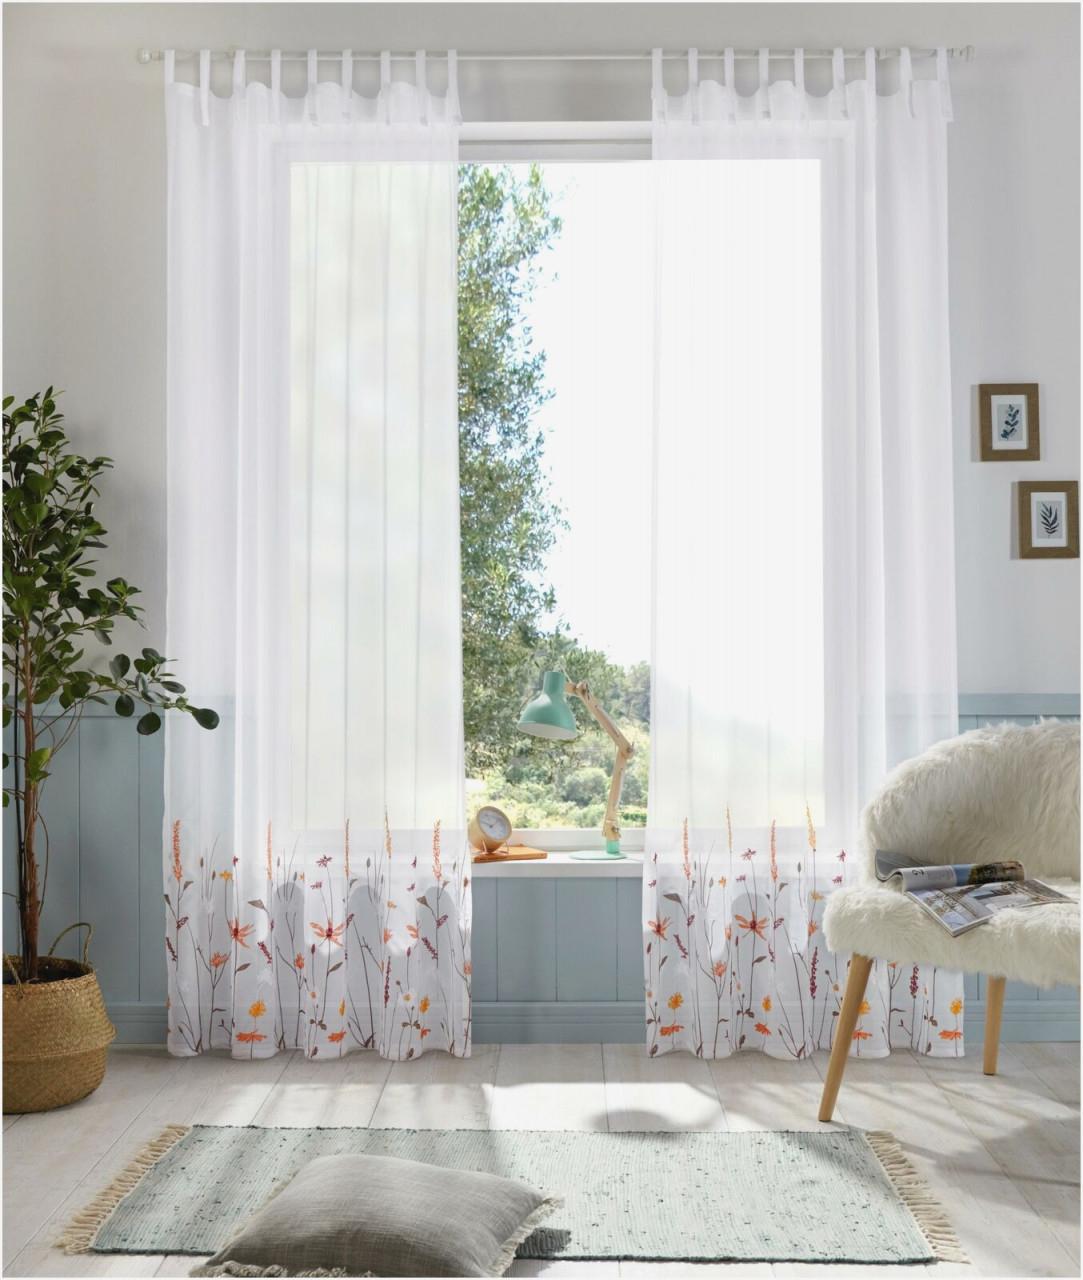 Gardinen Wohnzimmer Gardinenstoffe Englischer Englische von Wohnzimmer Gardinen Angebote Bild